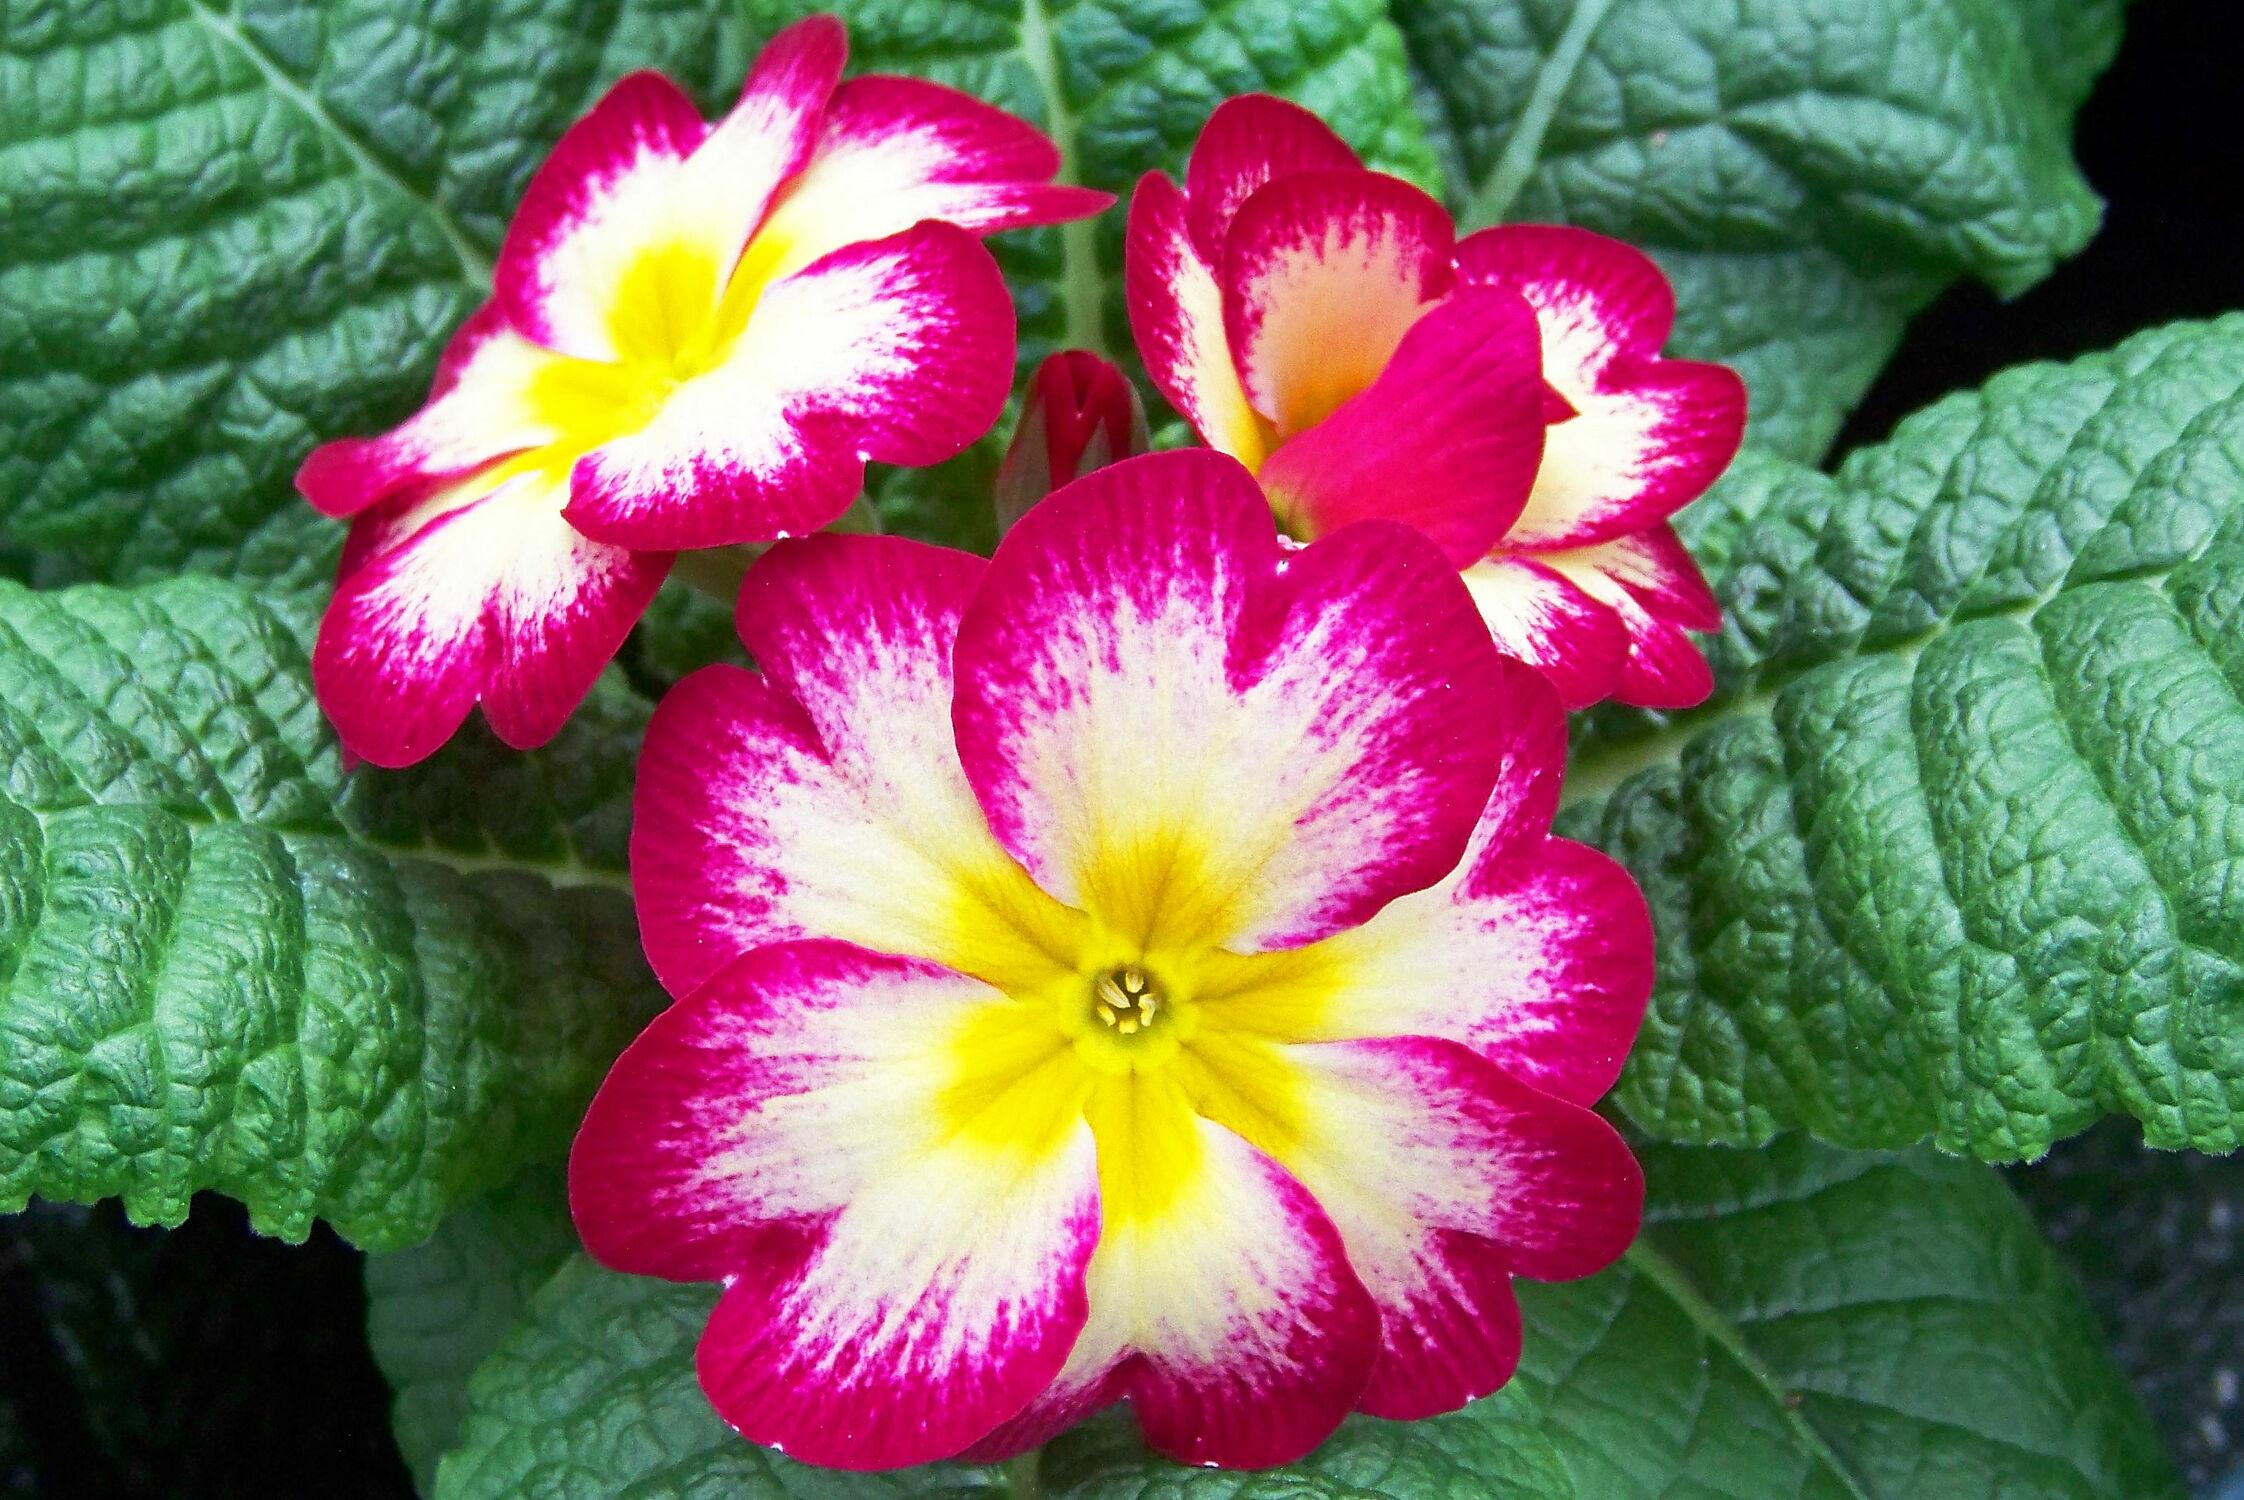 Bild mit Pflanzen, Blumen, Frühling, Blume, Pflanze, Wiese, primel, Blüten, garten, blüte, frühjahr, Wiesen